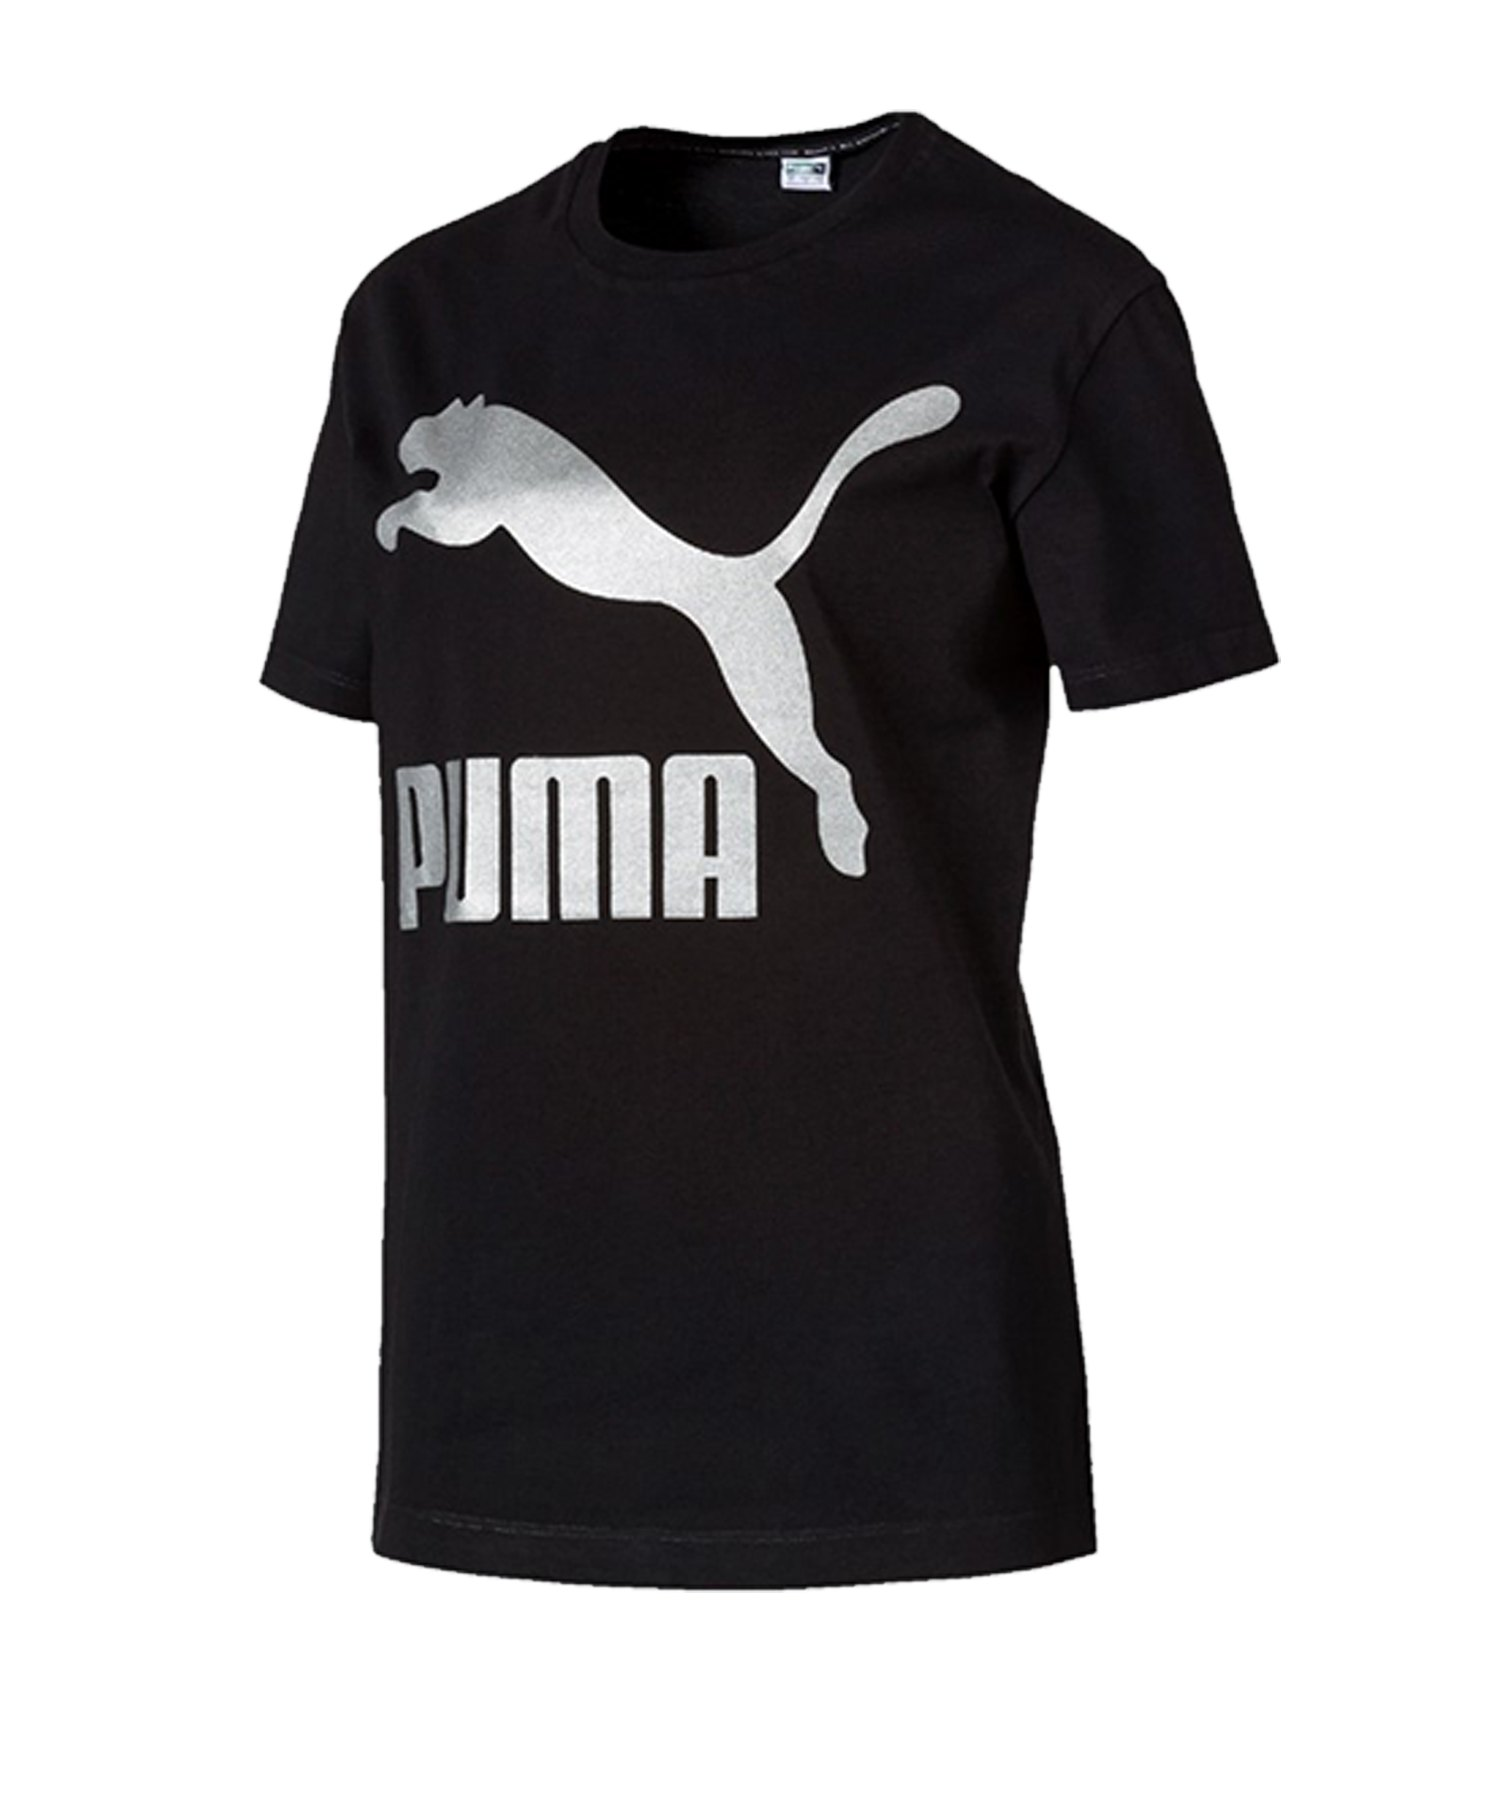 PUMA Classics Logo Tee T-Shirt Damen Schwarz F01 - schwarz